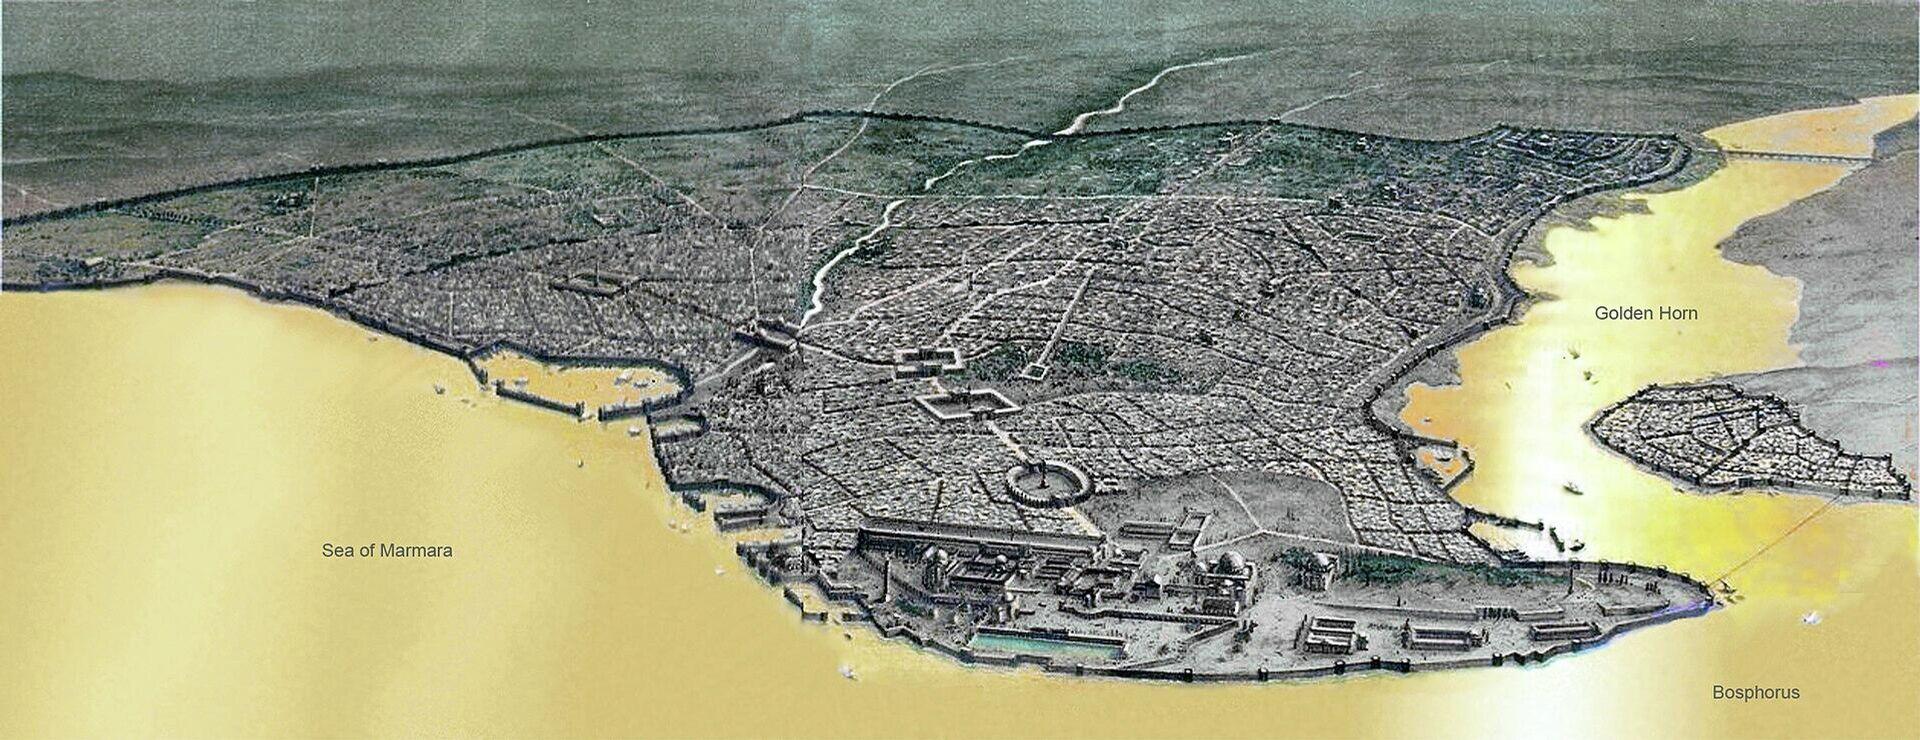 Konstantinopolj u vreme Vizantije, car Dušan bio je njime fasciniran, Grad mu je verovatno bio i cilj - Sputnik Srbija, 1920, 08.10.2021